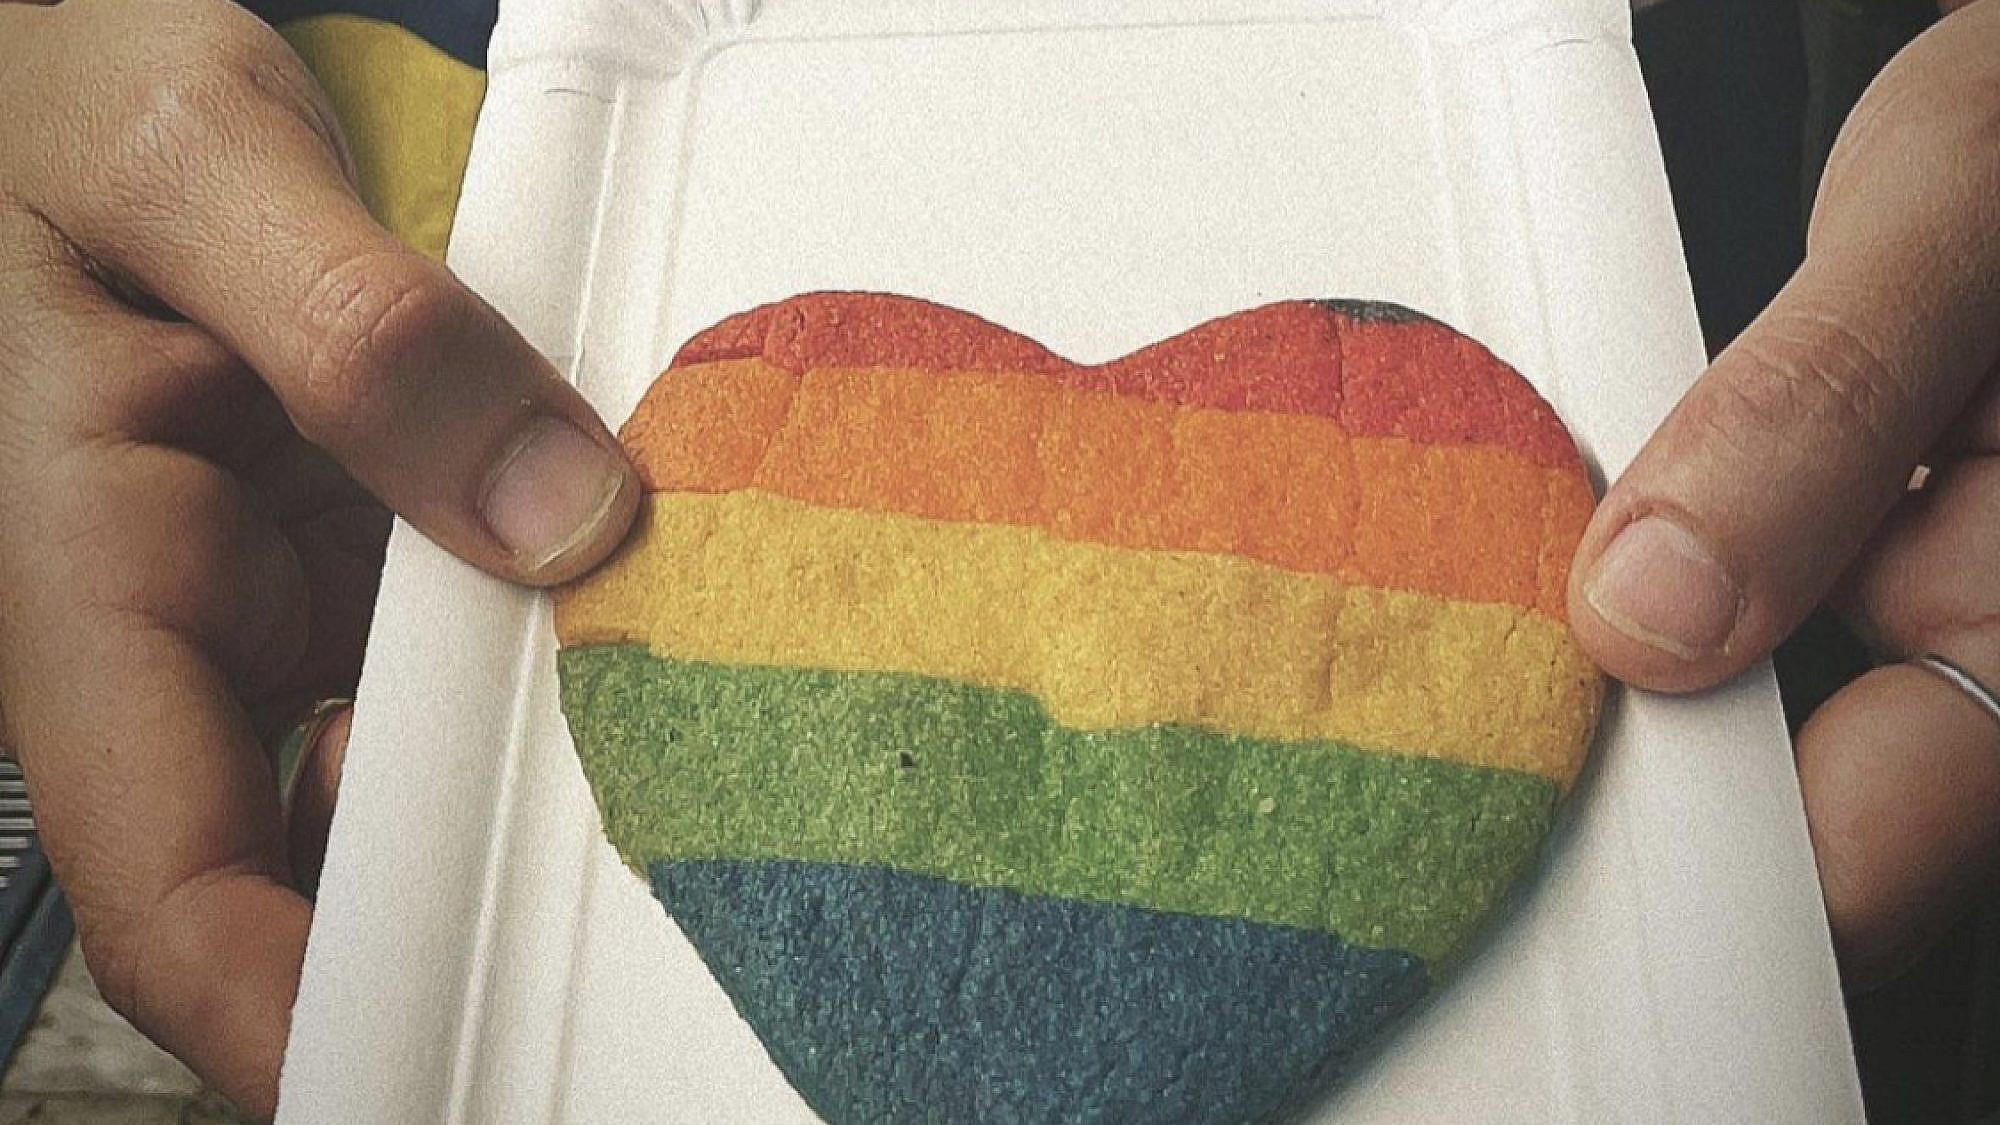 עוגיית האהבה של נורדיניו. מאינסטגרם